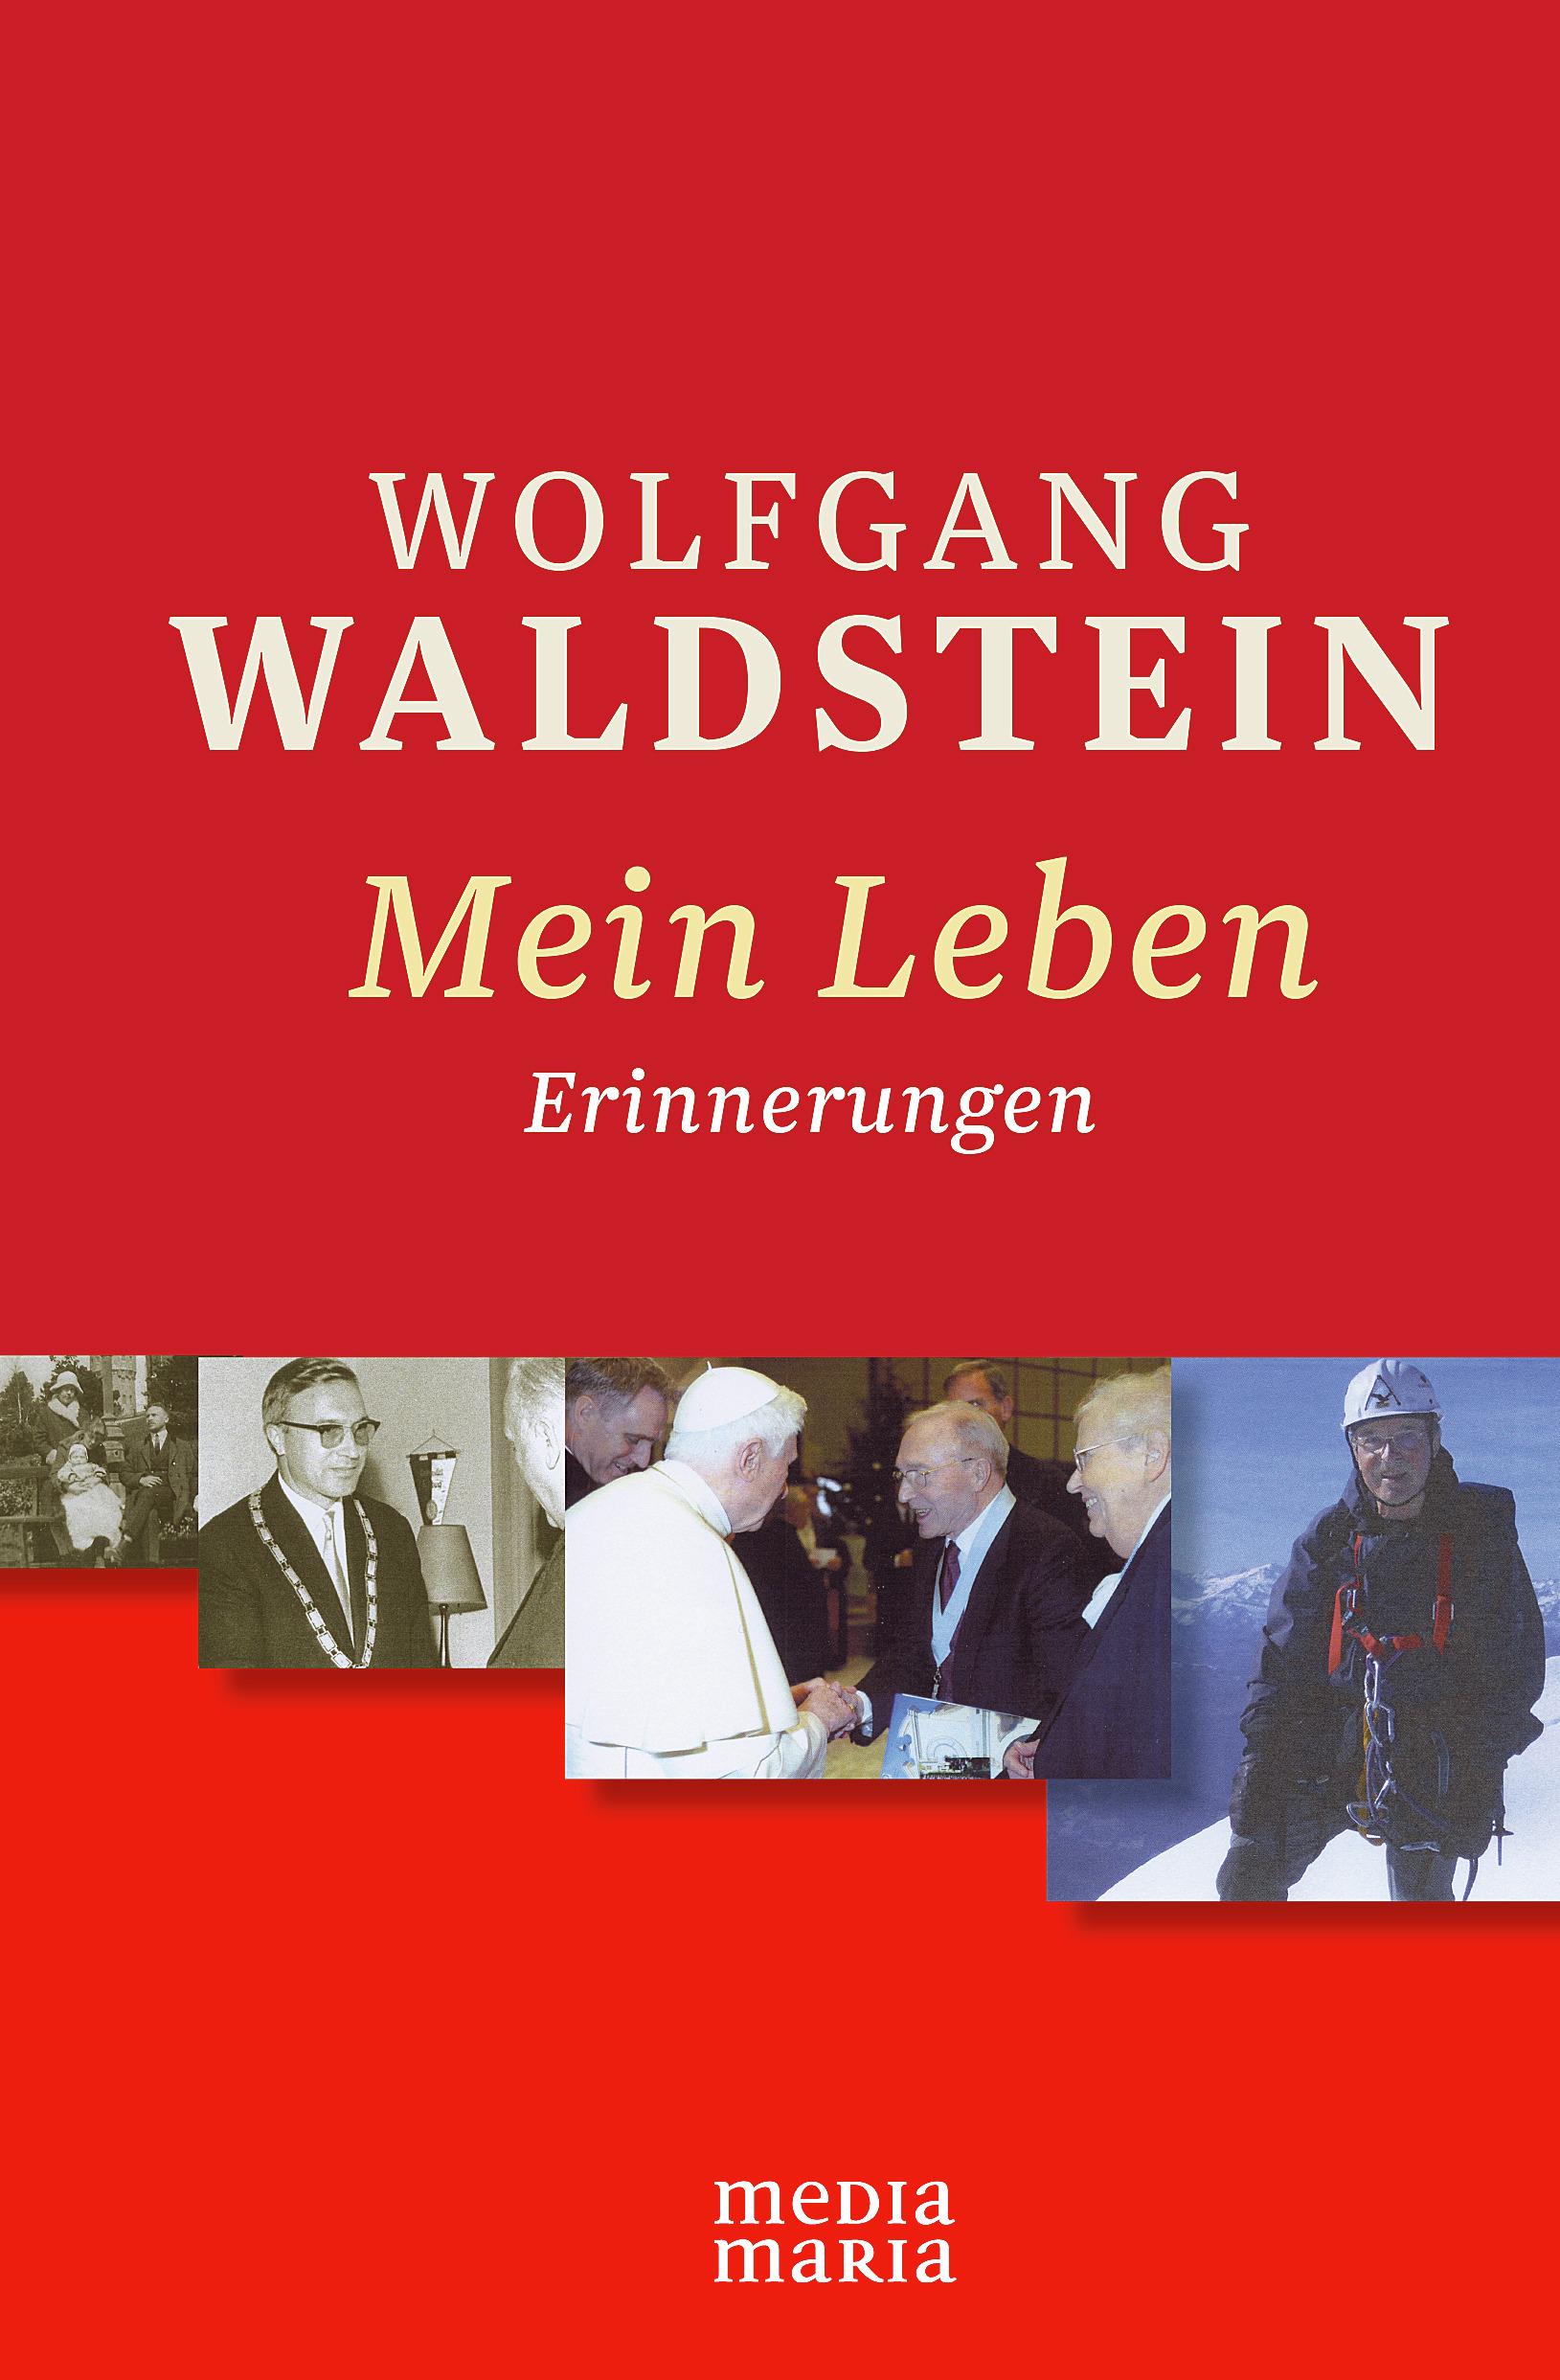 Wolfgang Waldstein Mein Leben